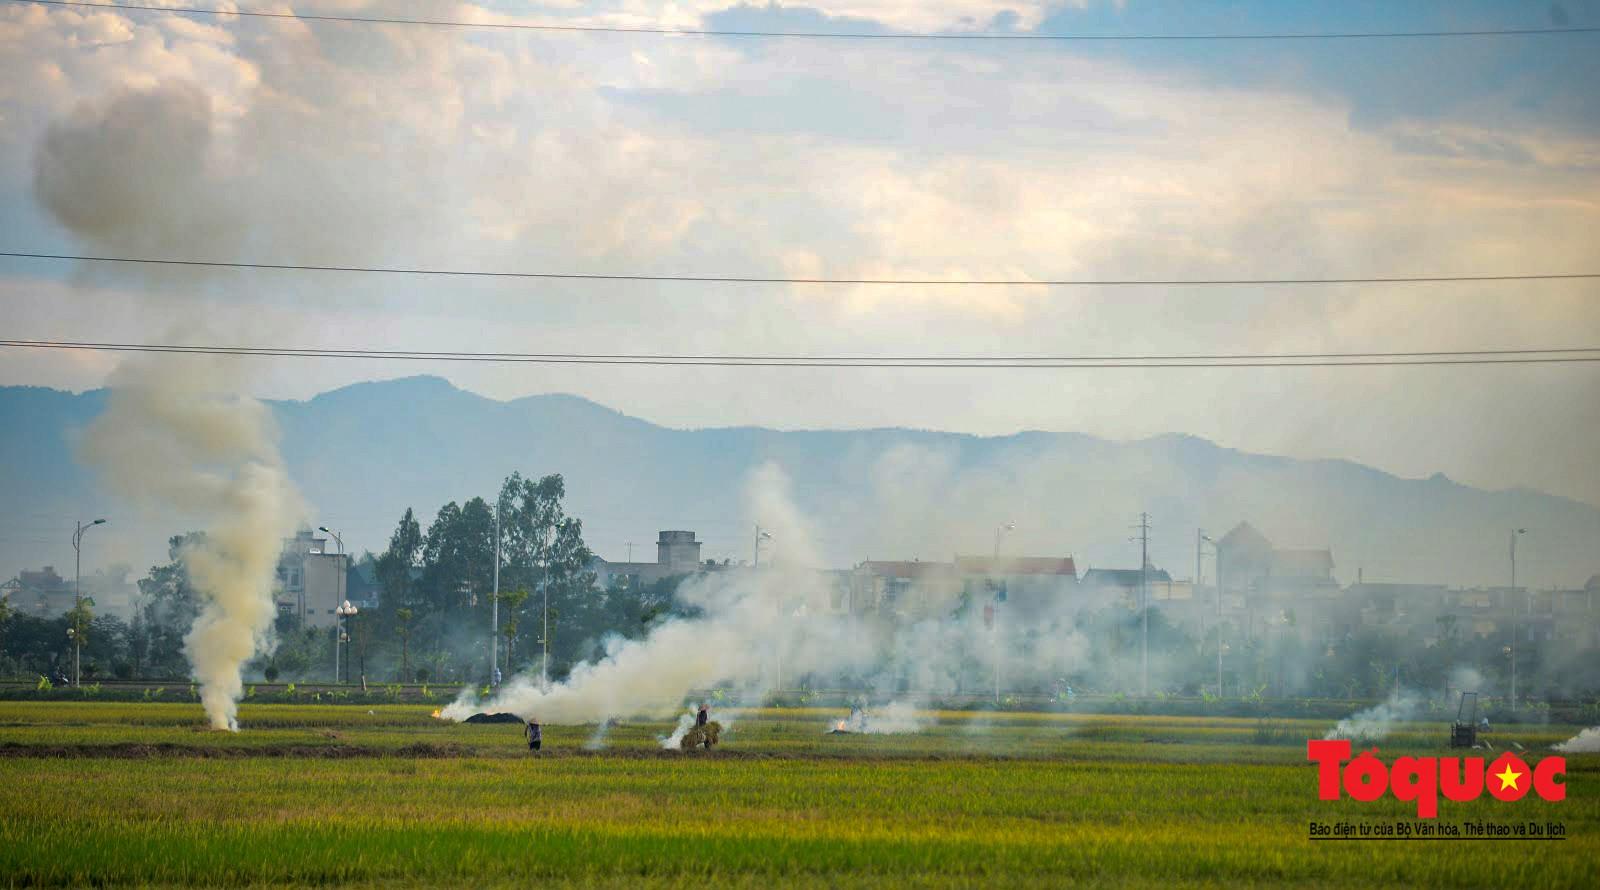 Nông dân ngoại thành vô tình khiến nội thành Hà Nội có một lớp sương mờ4